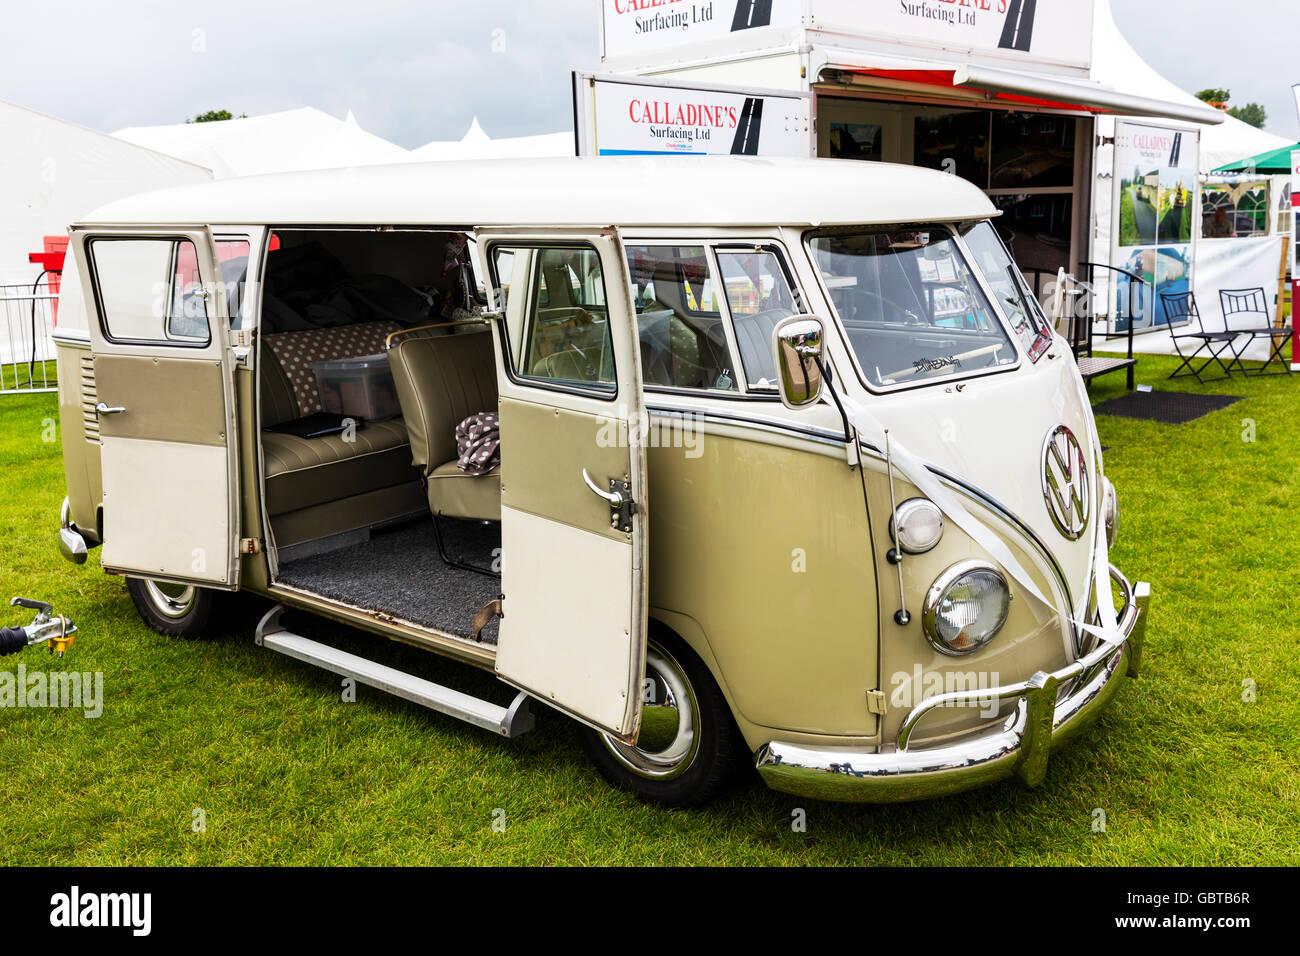 Vw Camper Van Volkswagen Vehicle Side Doors Open Wedding Car Uk